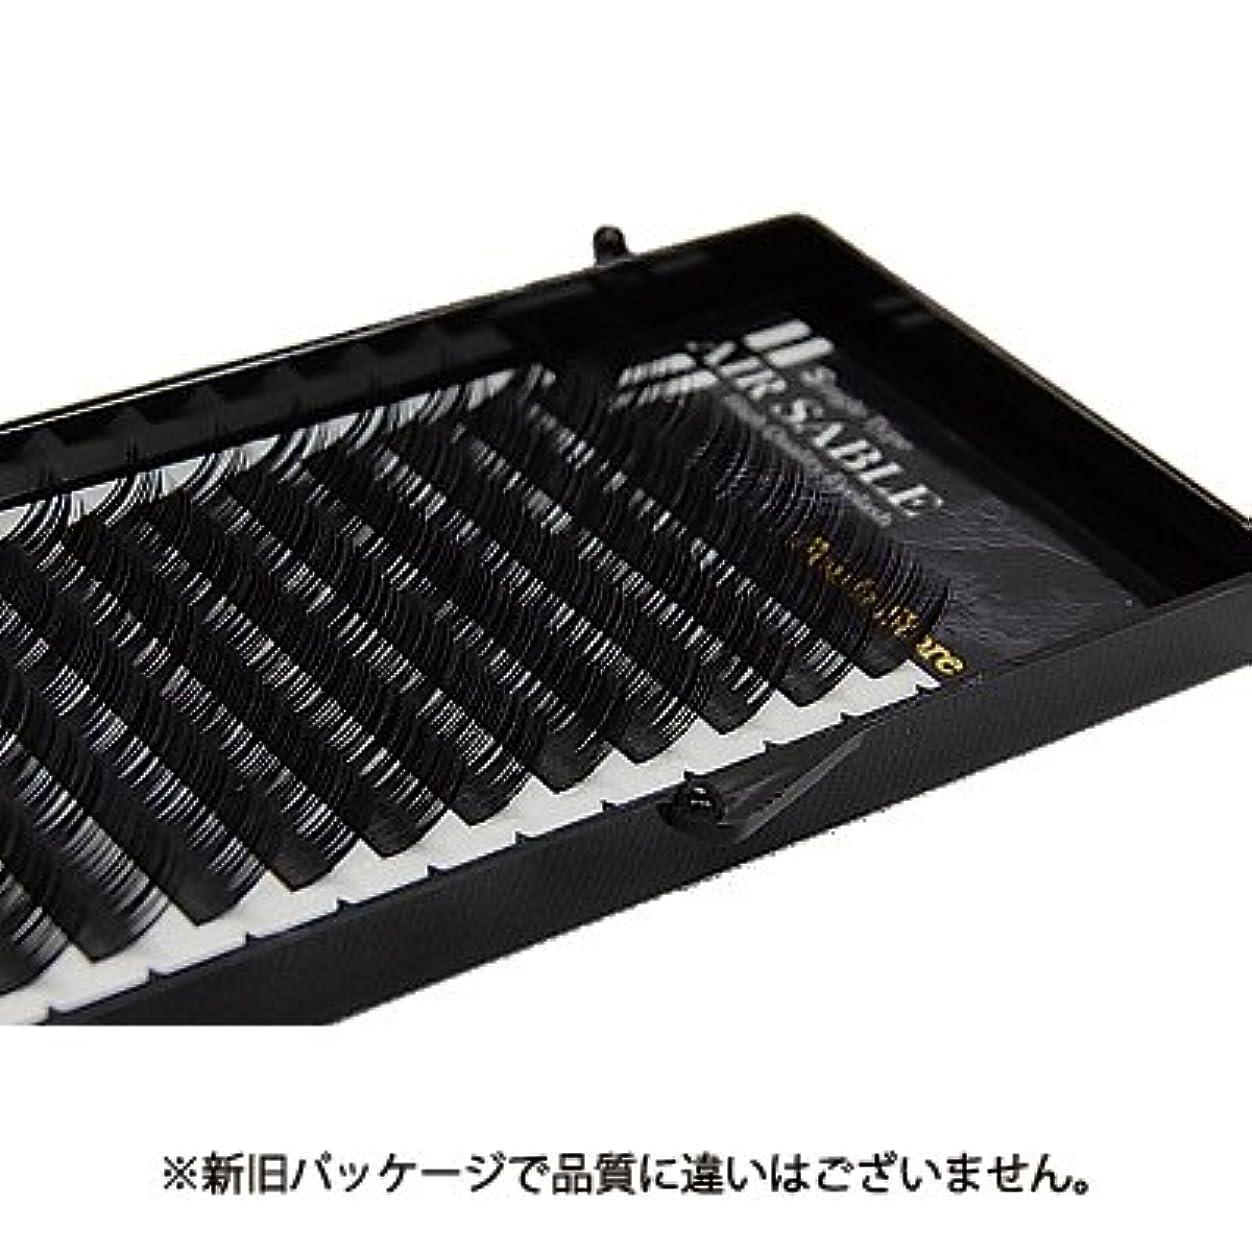 アルファベット奨学金サイレン【フーラ】エアーセーブル シート 12列 Cカール 12mm×0.15mm